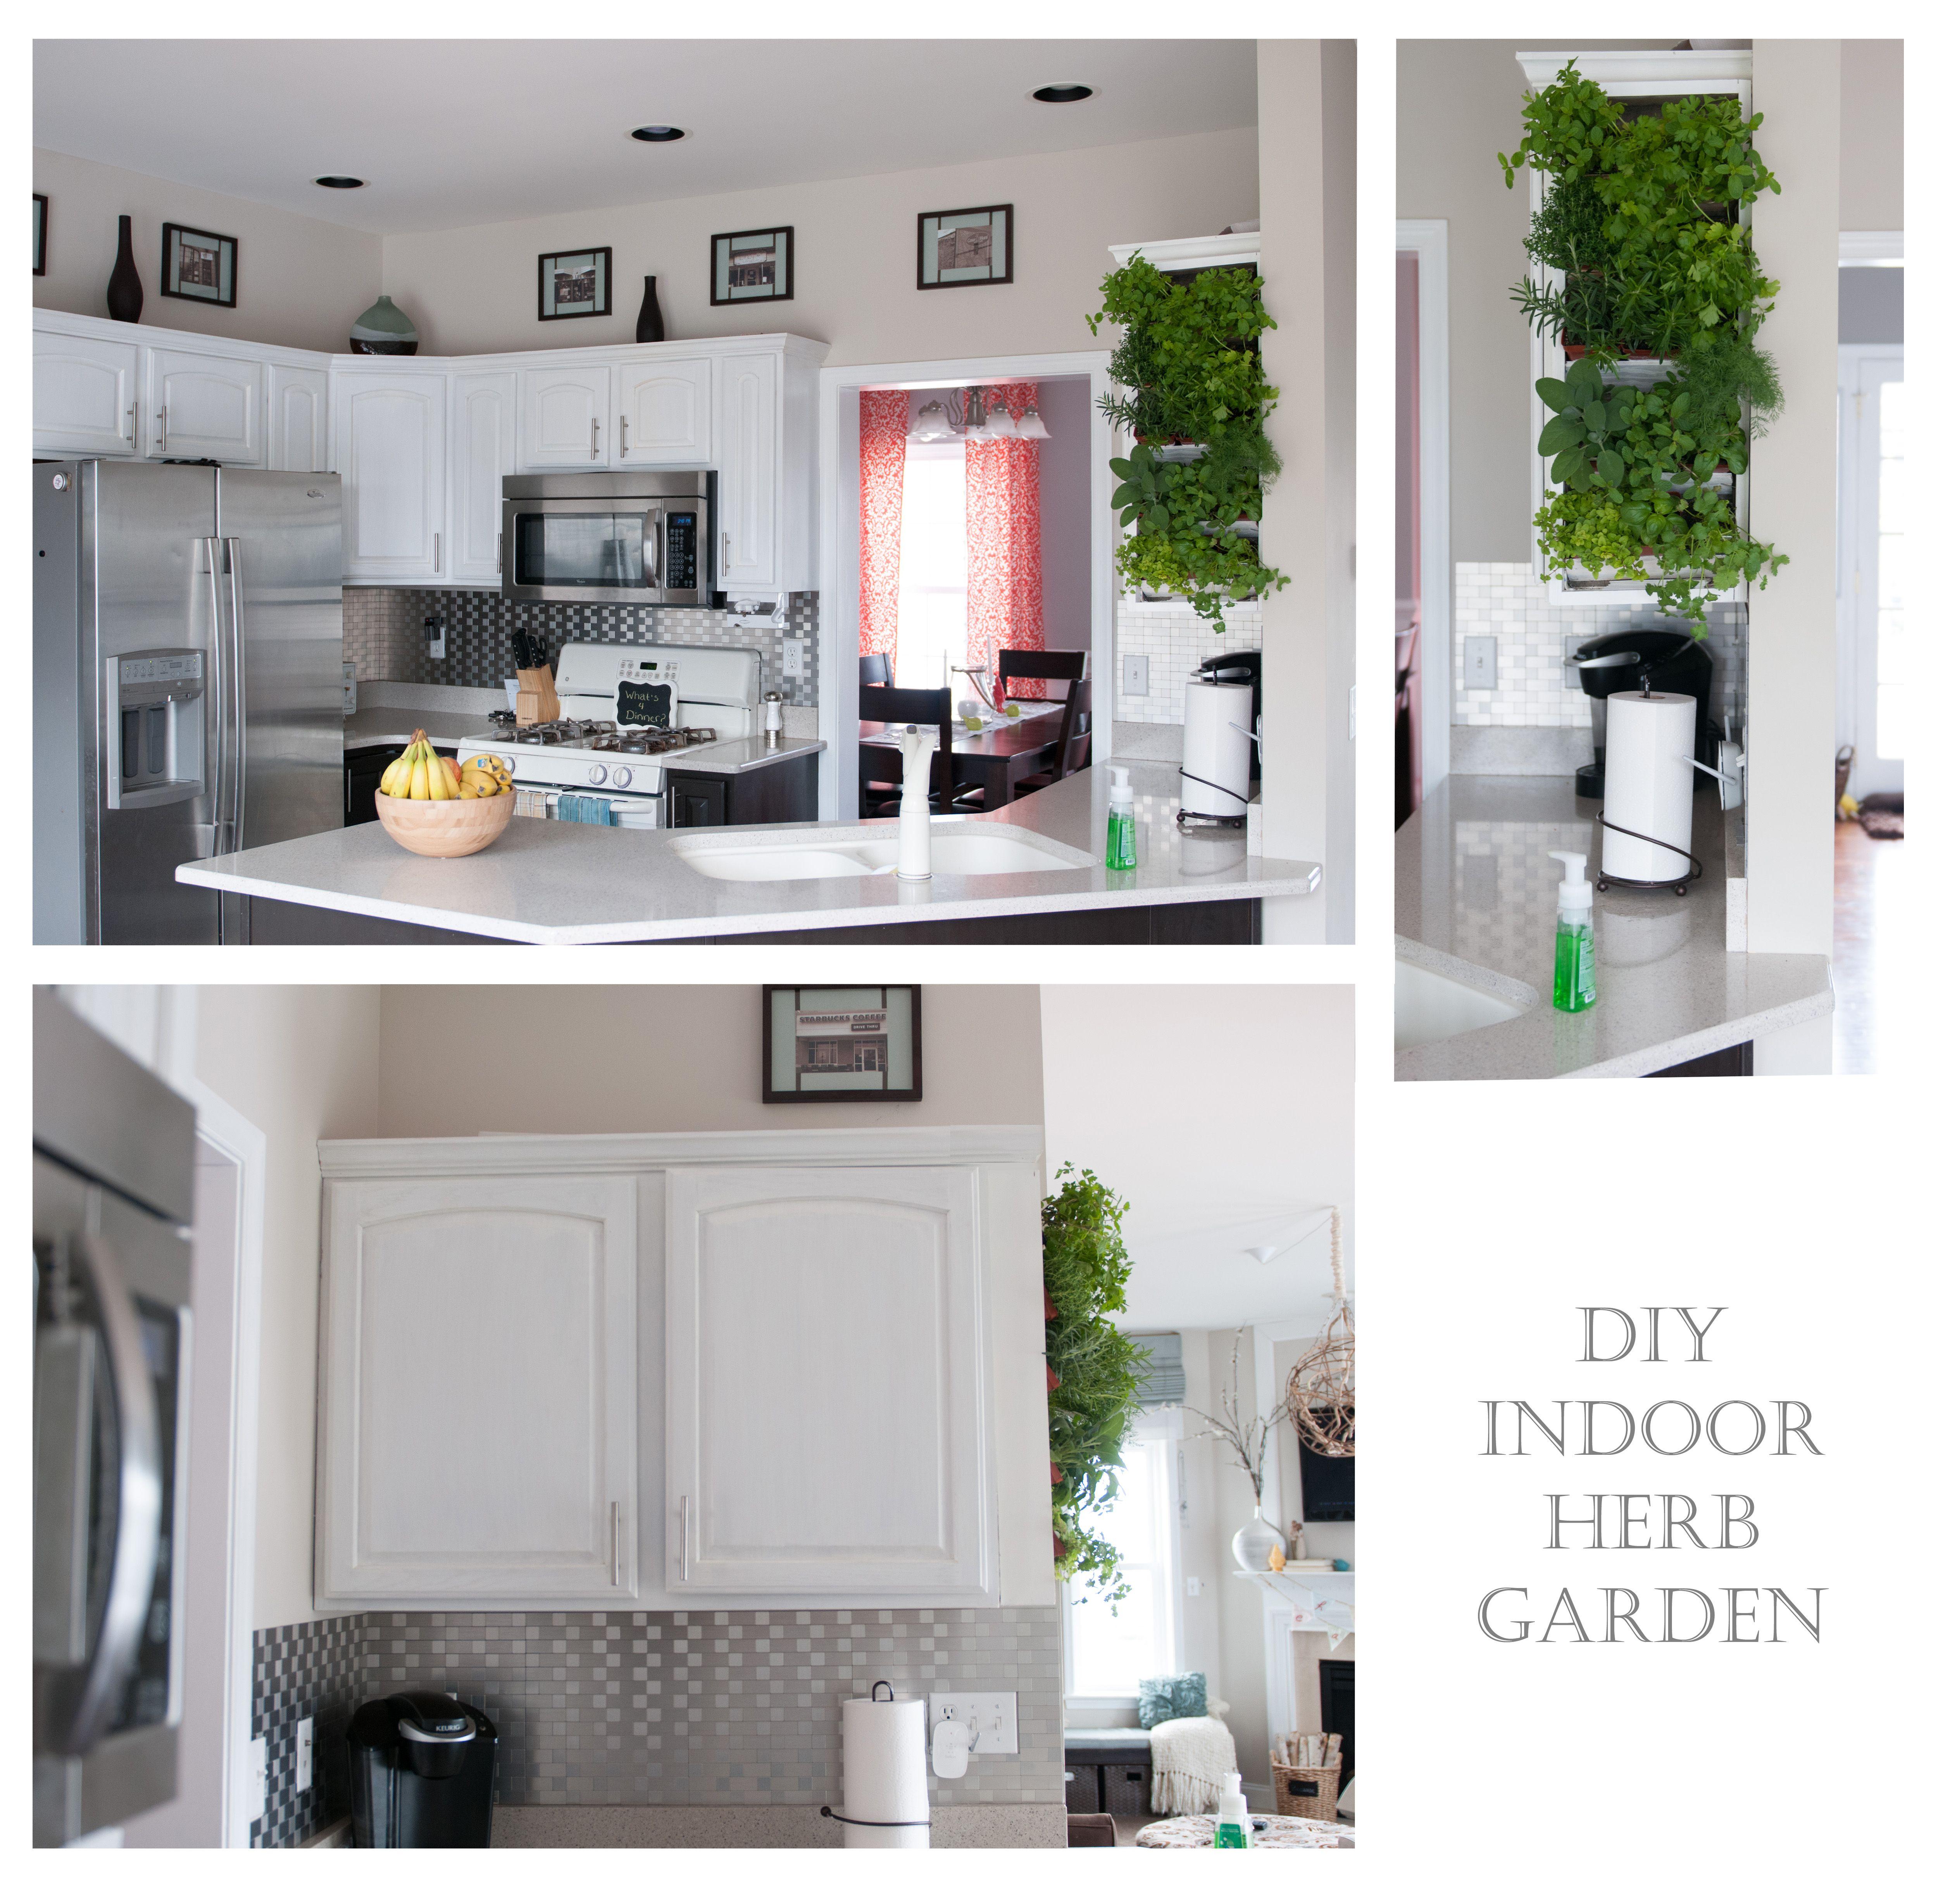 Diy indoor herb garden mounted measure side of